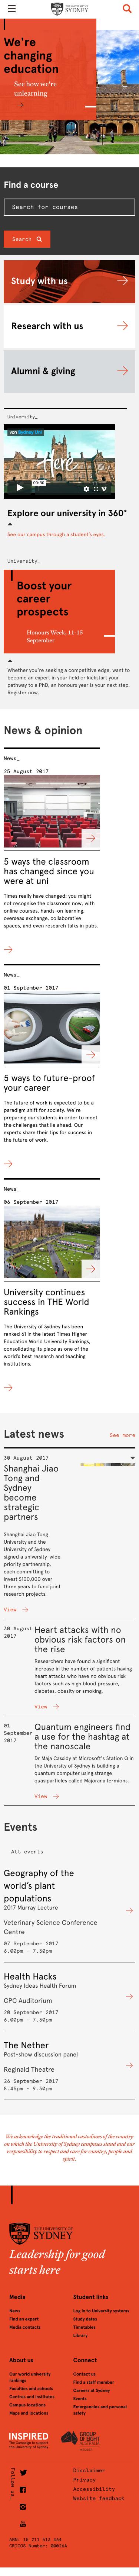 Sydney University 09